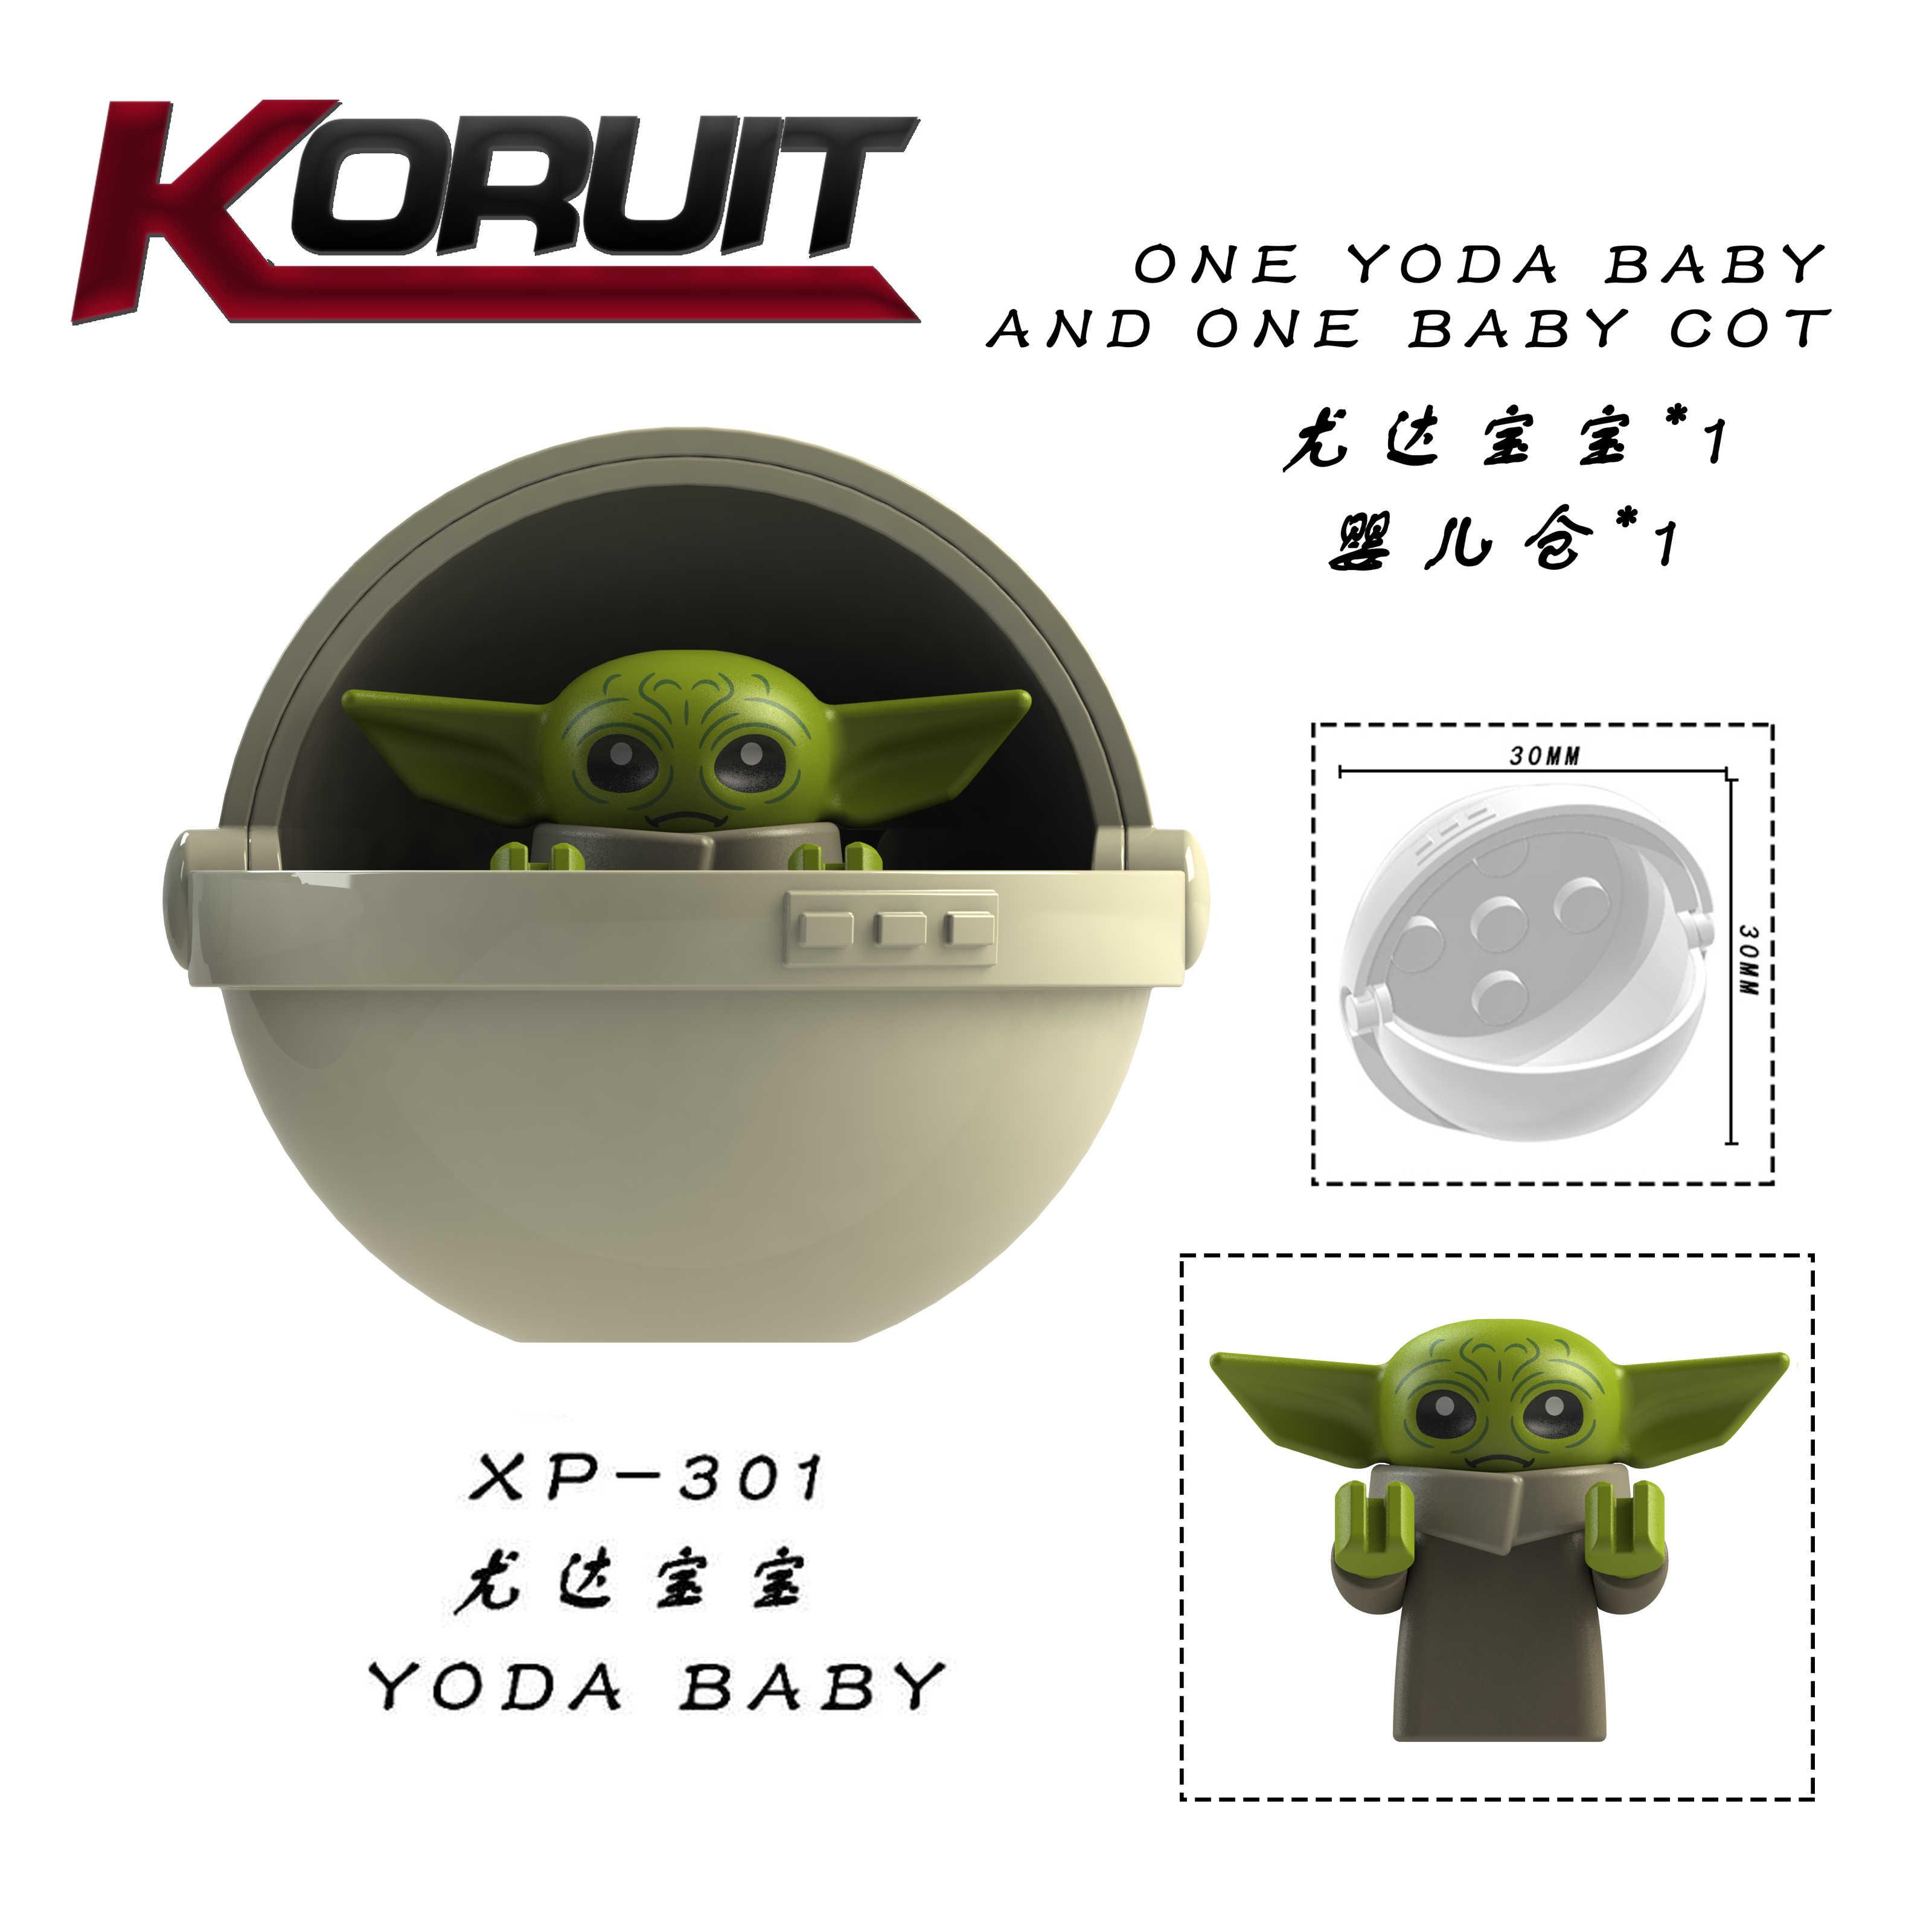 Singola vendita Star guerra Mandalorian Yoda bambino star wars Darth Vader Maul Sith Malgus Han Ewok Blocchi di Costruzione Giocattoli Per bambini